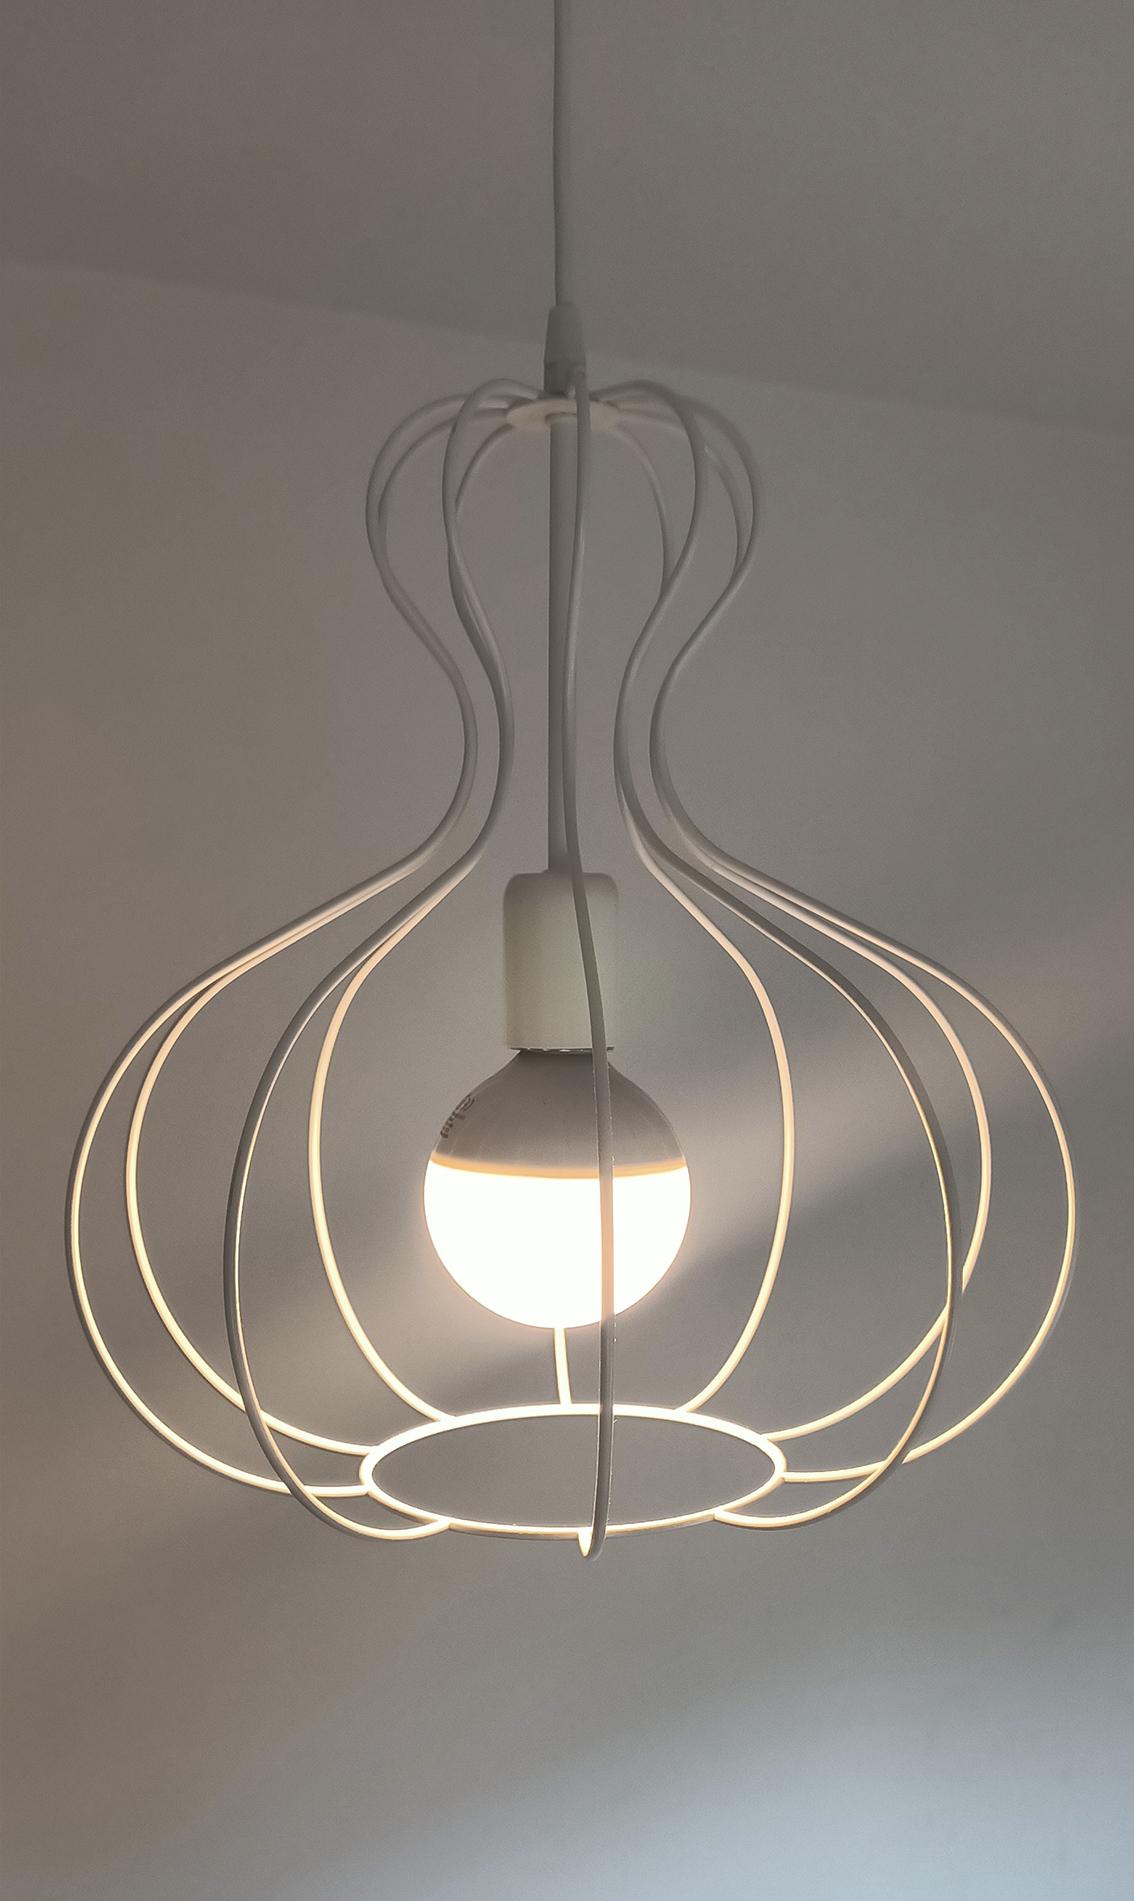 Illuminazione - luci IDEAL LUX 01 Cantiere Creattivo - gallery scheda